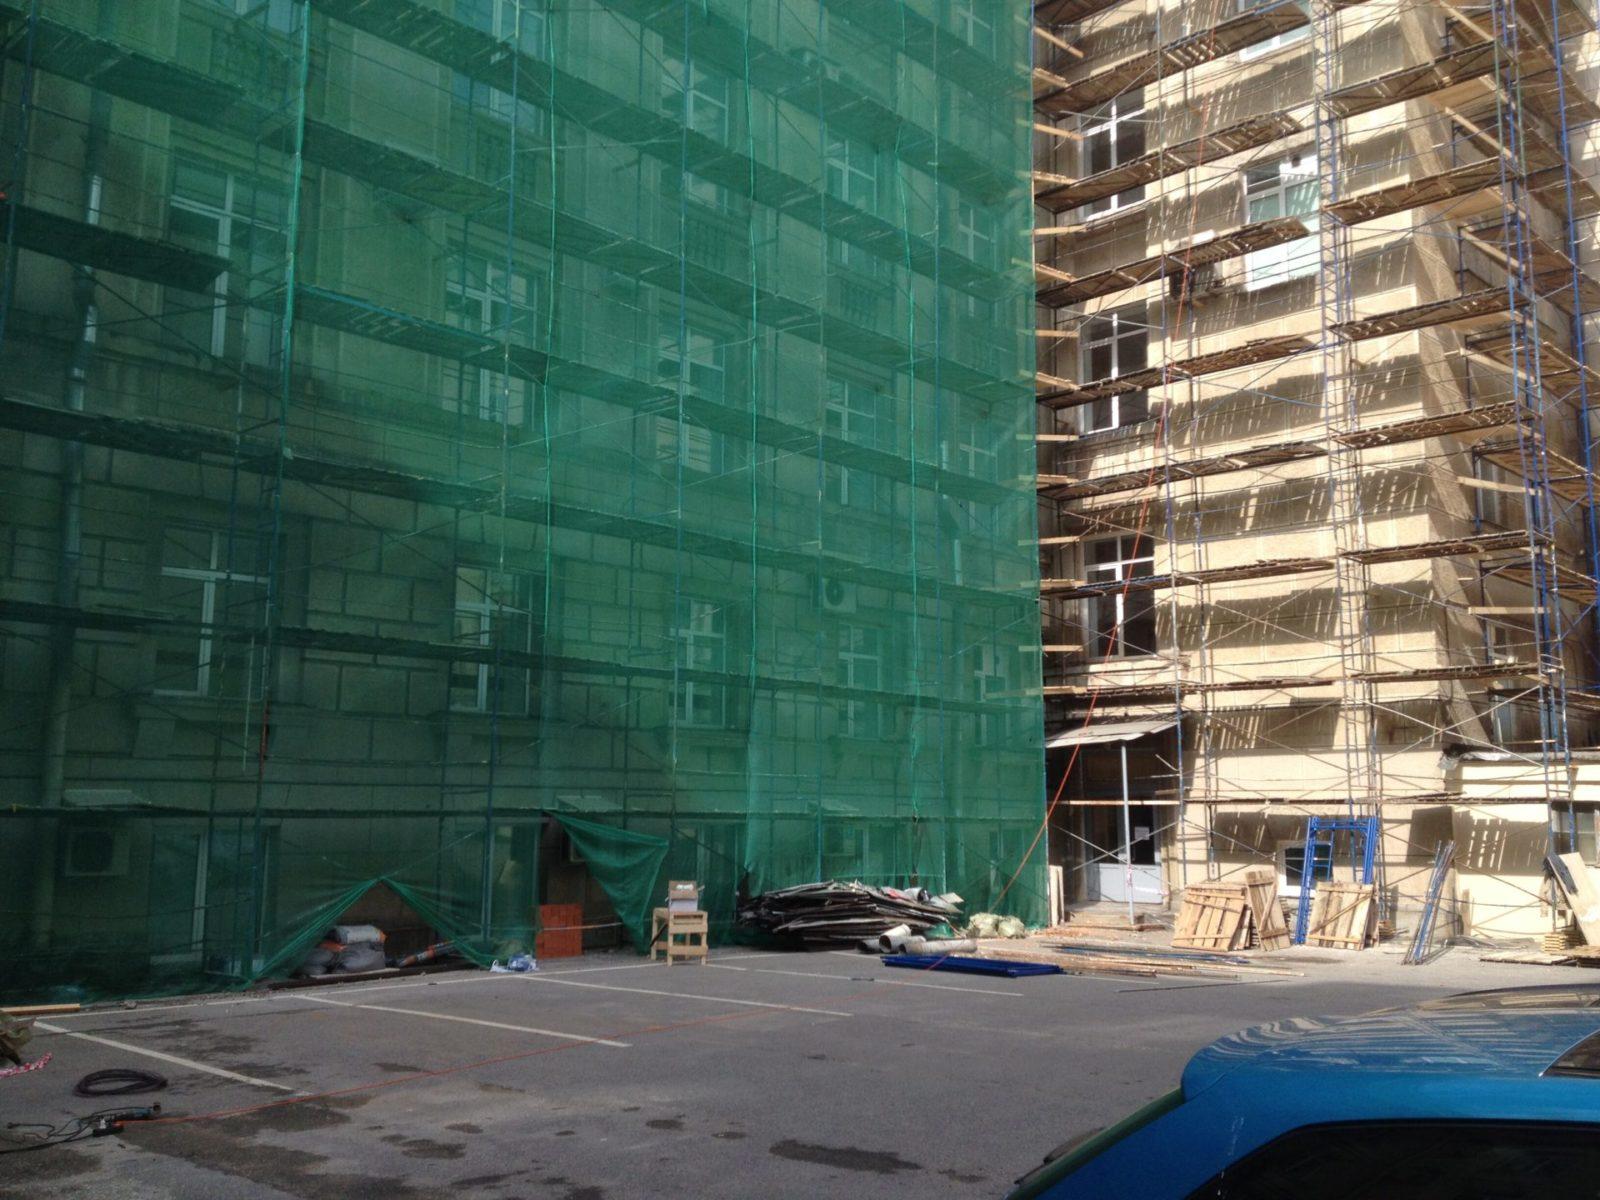 Расшивка трещин штукатурного слоя с последующим ремонтом и восстановлением декоративных картин фасада